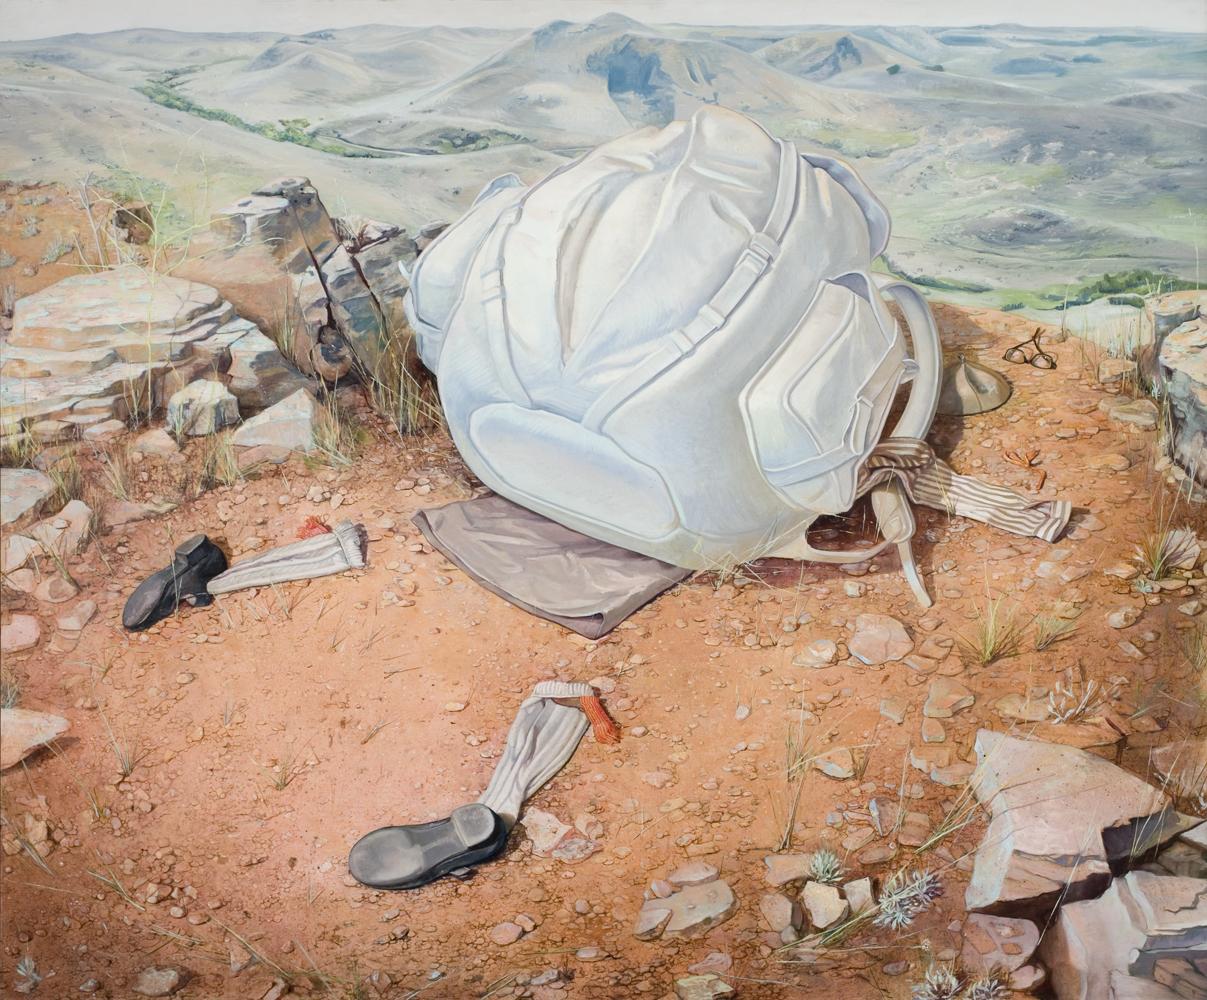 Melanie Vote painting: Metamorphosis (2011), oil on linen, 58x70 in.